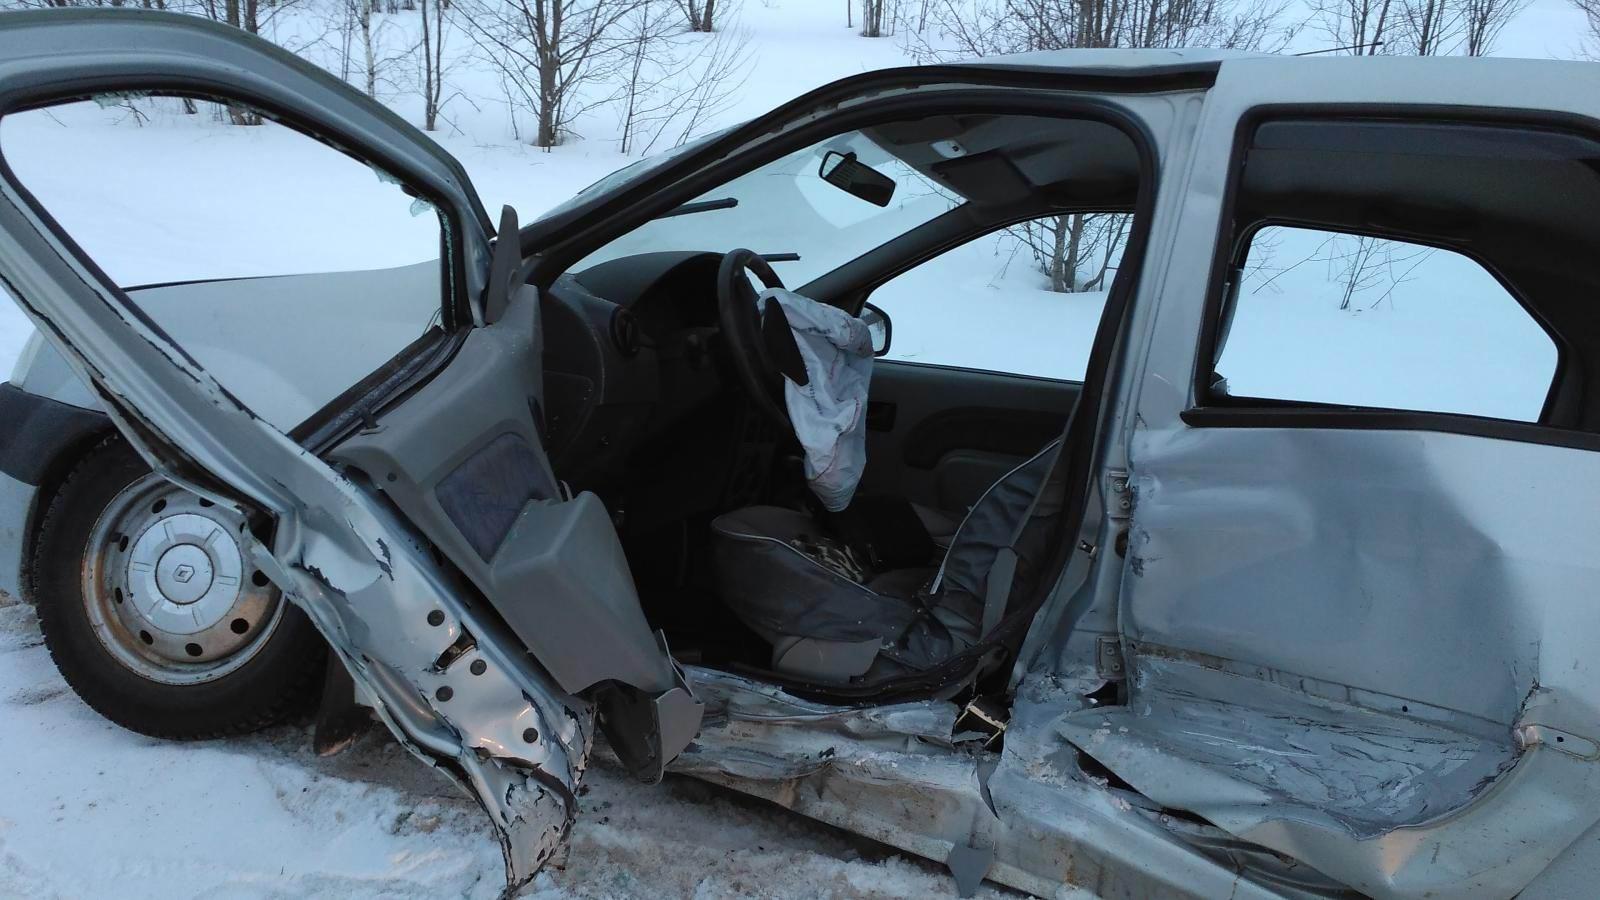 ВТвери шофёр без прав врезался встолб иполучил серьёзные травмы